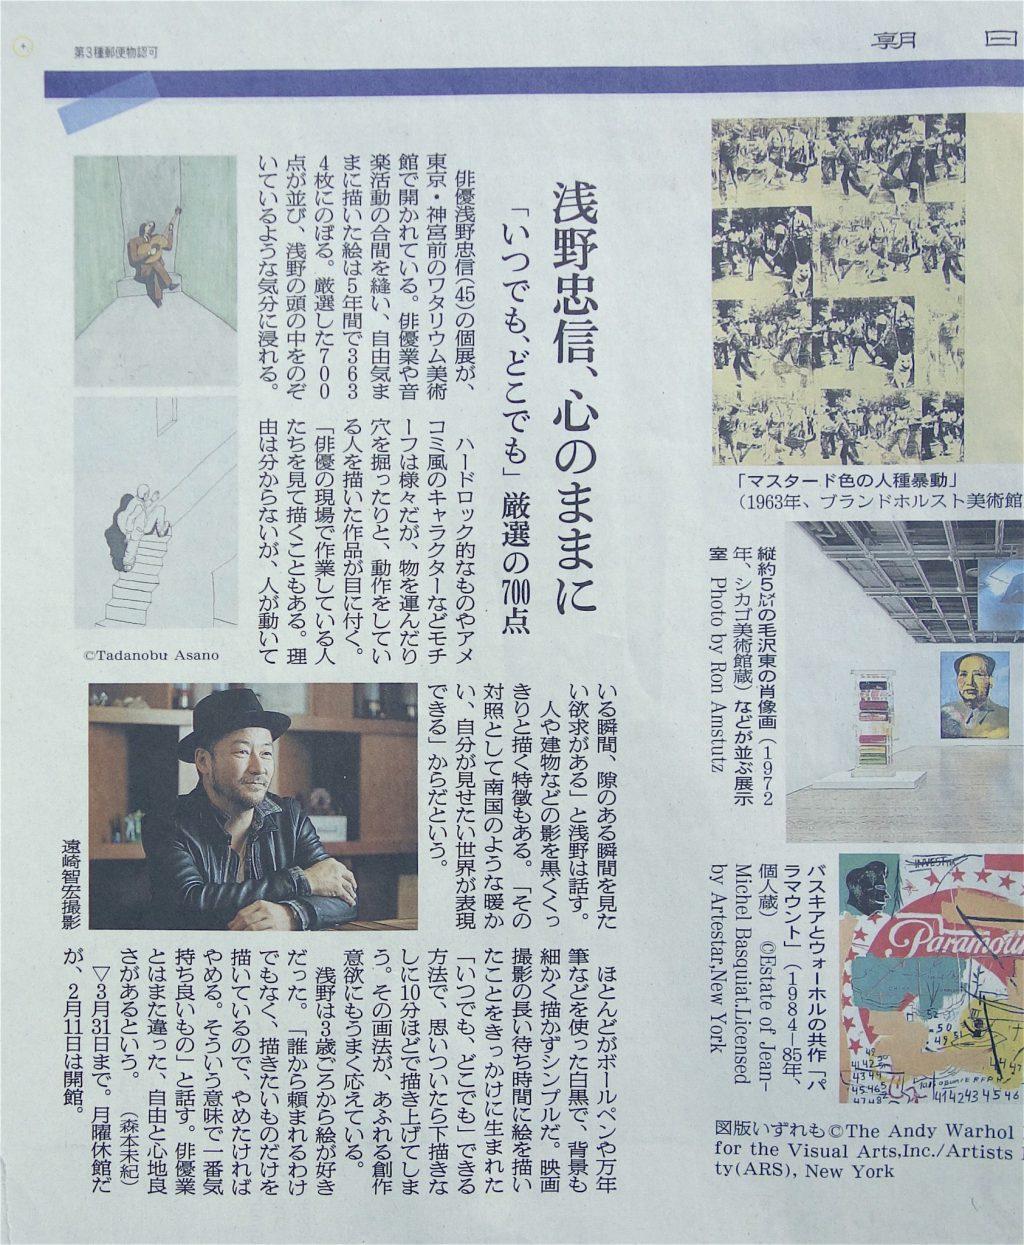 浅野忠信 @ 朝日新聞夕刊、平成31年1月29日